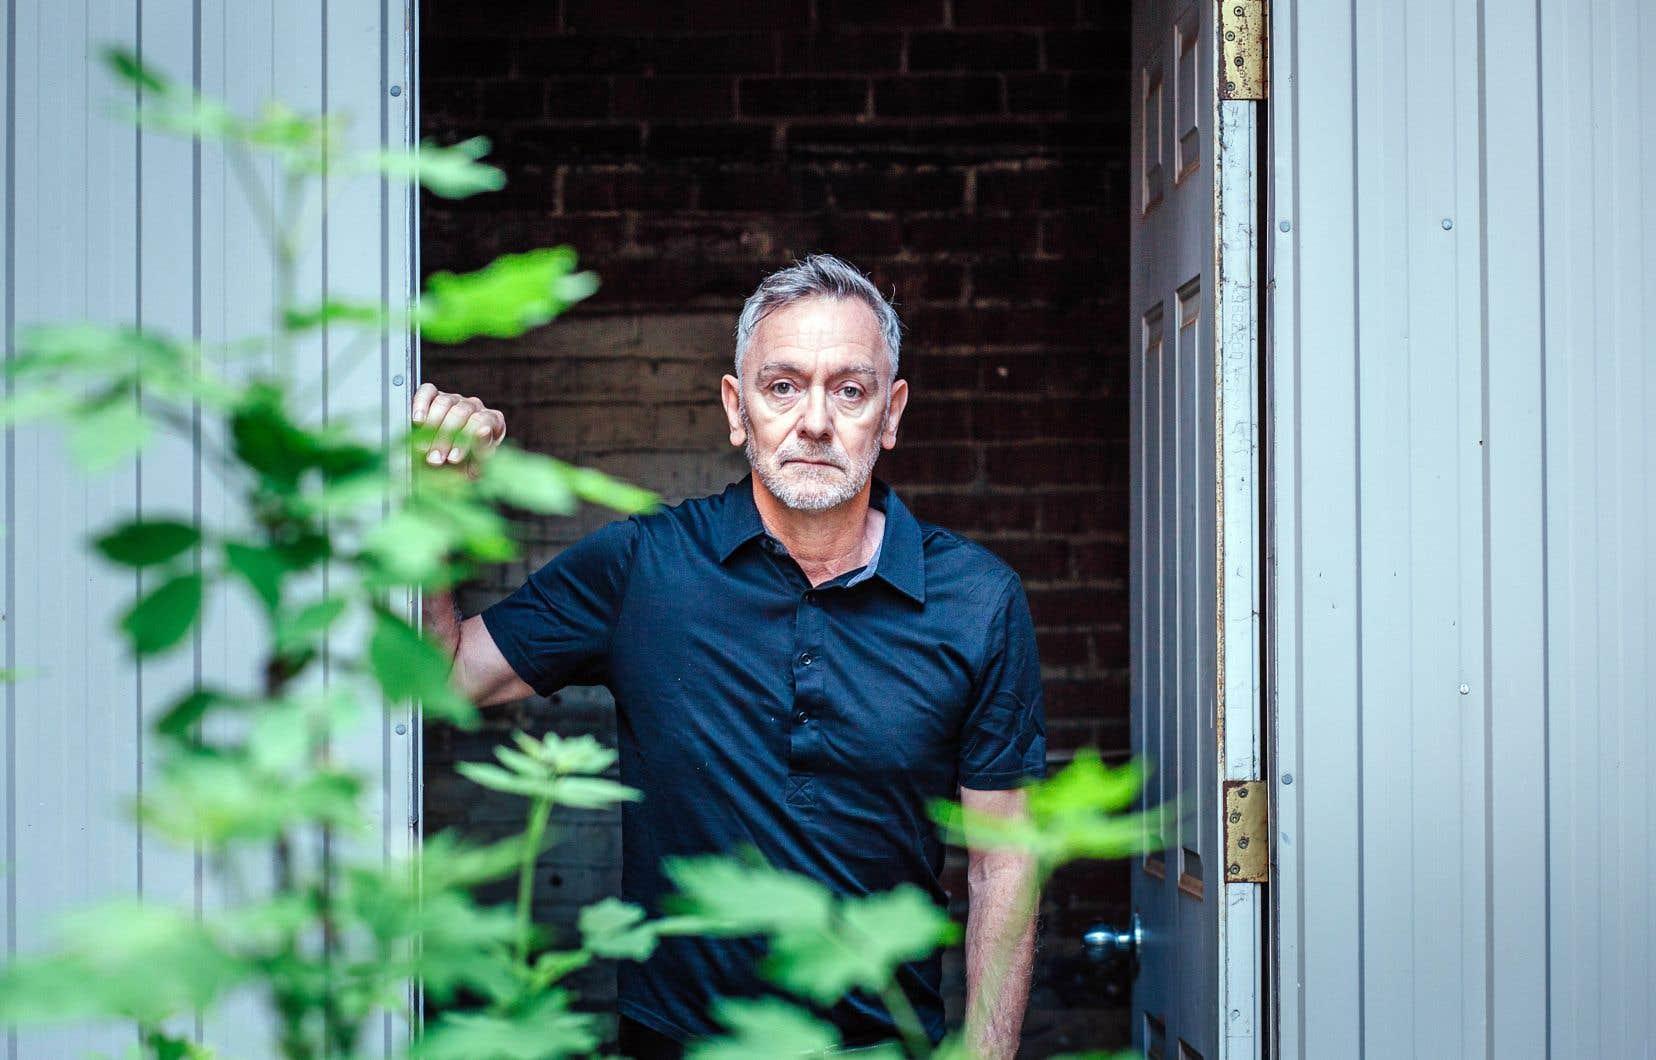 Le dramaturge Michel Marc Bouchard salue l'audace du metteur en scène Rodrigo Portella.